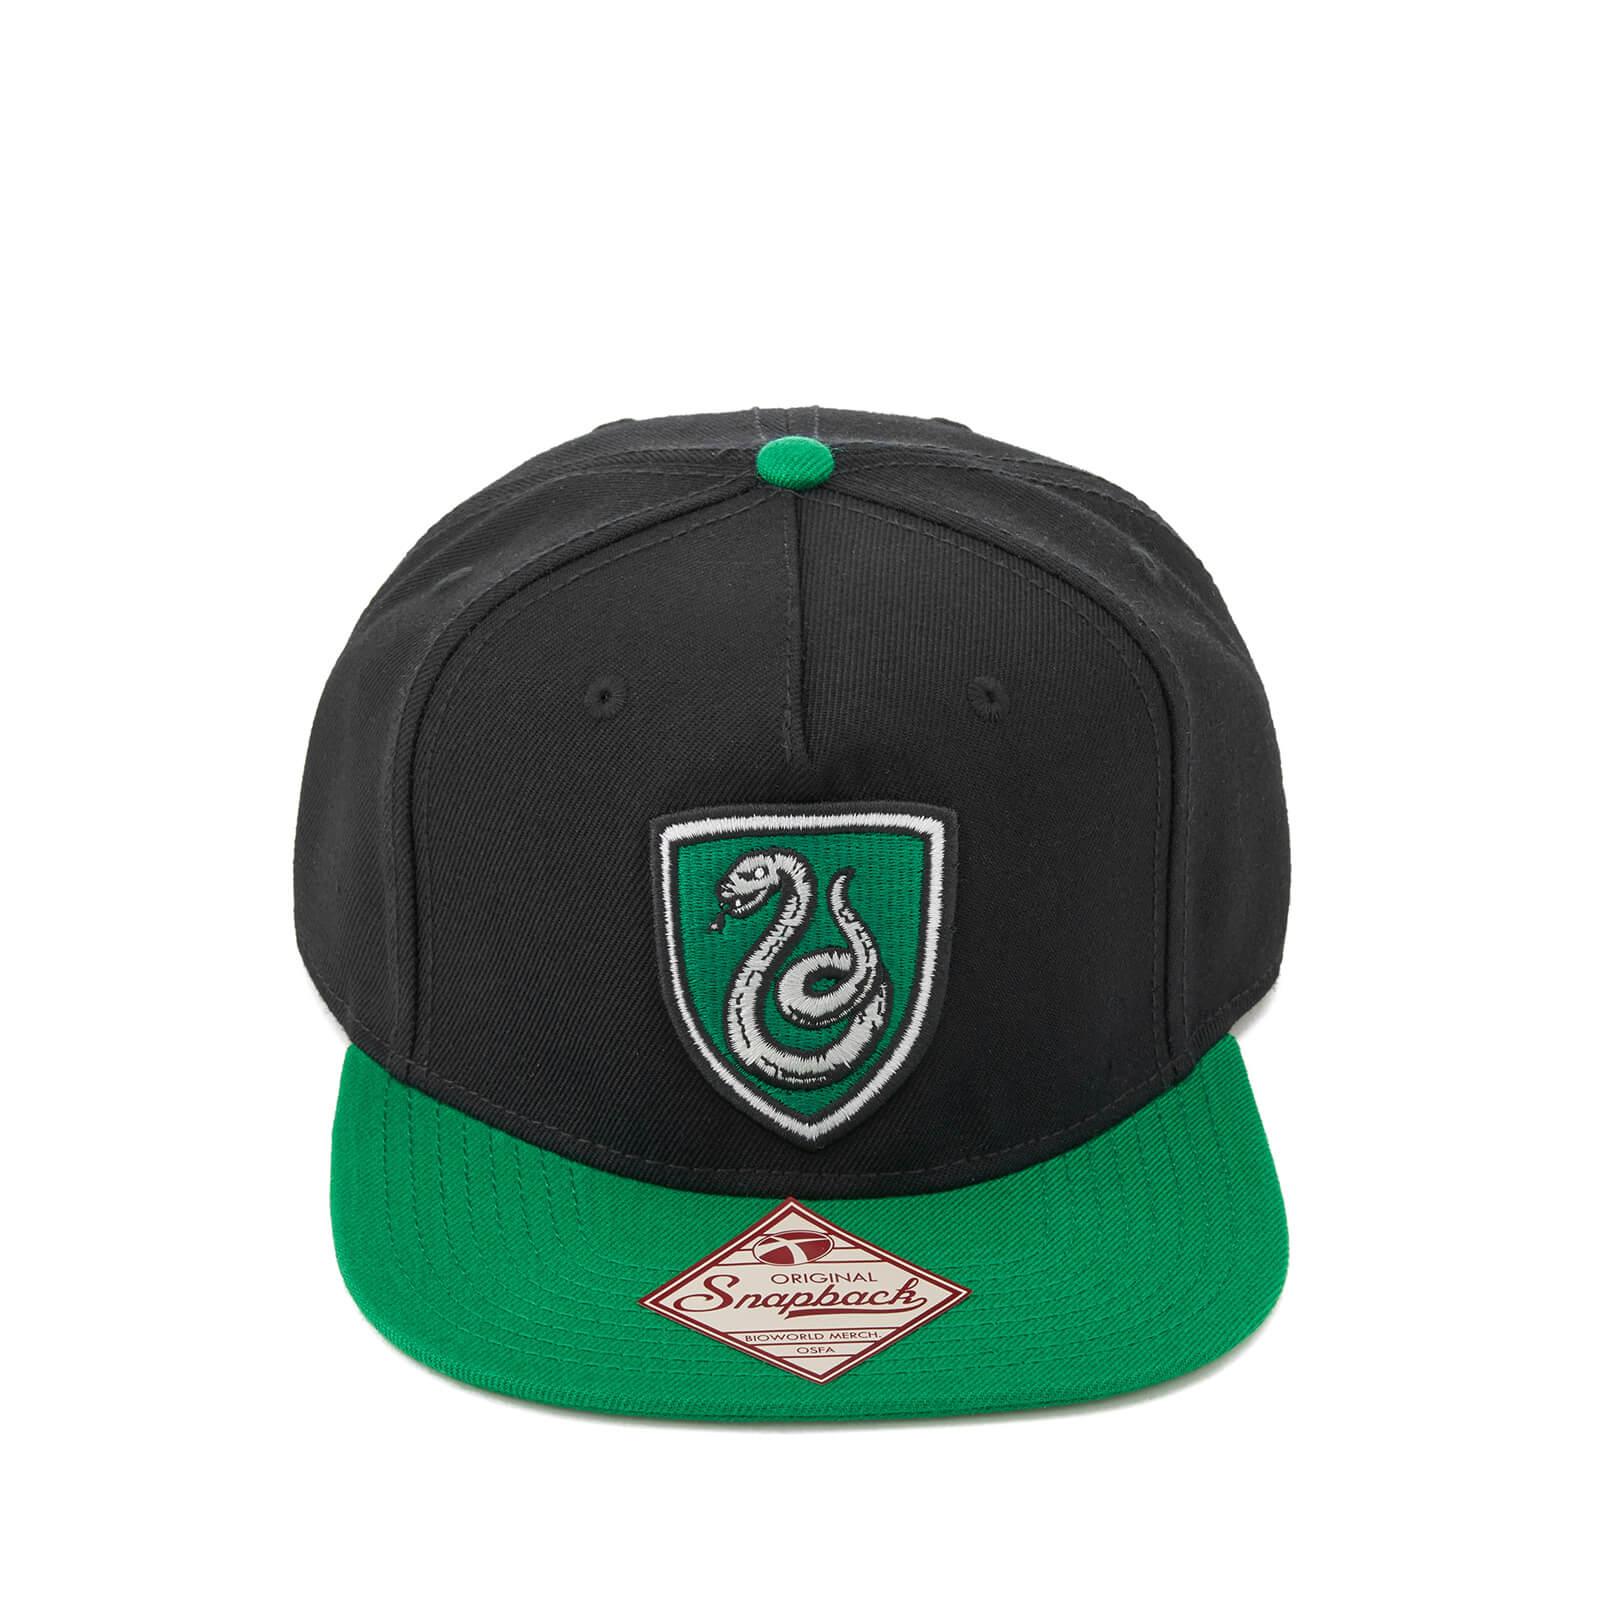 Harry Potter Slytherin Snapback Cap - Black Merchandise   Zavvi.de